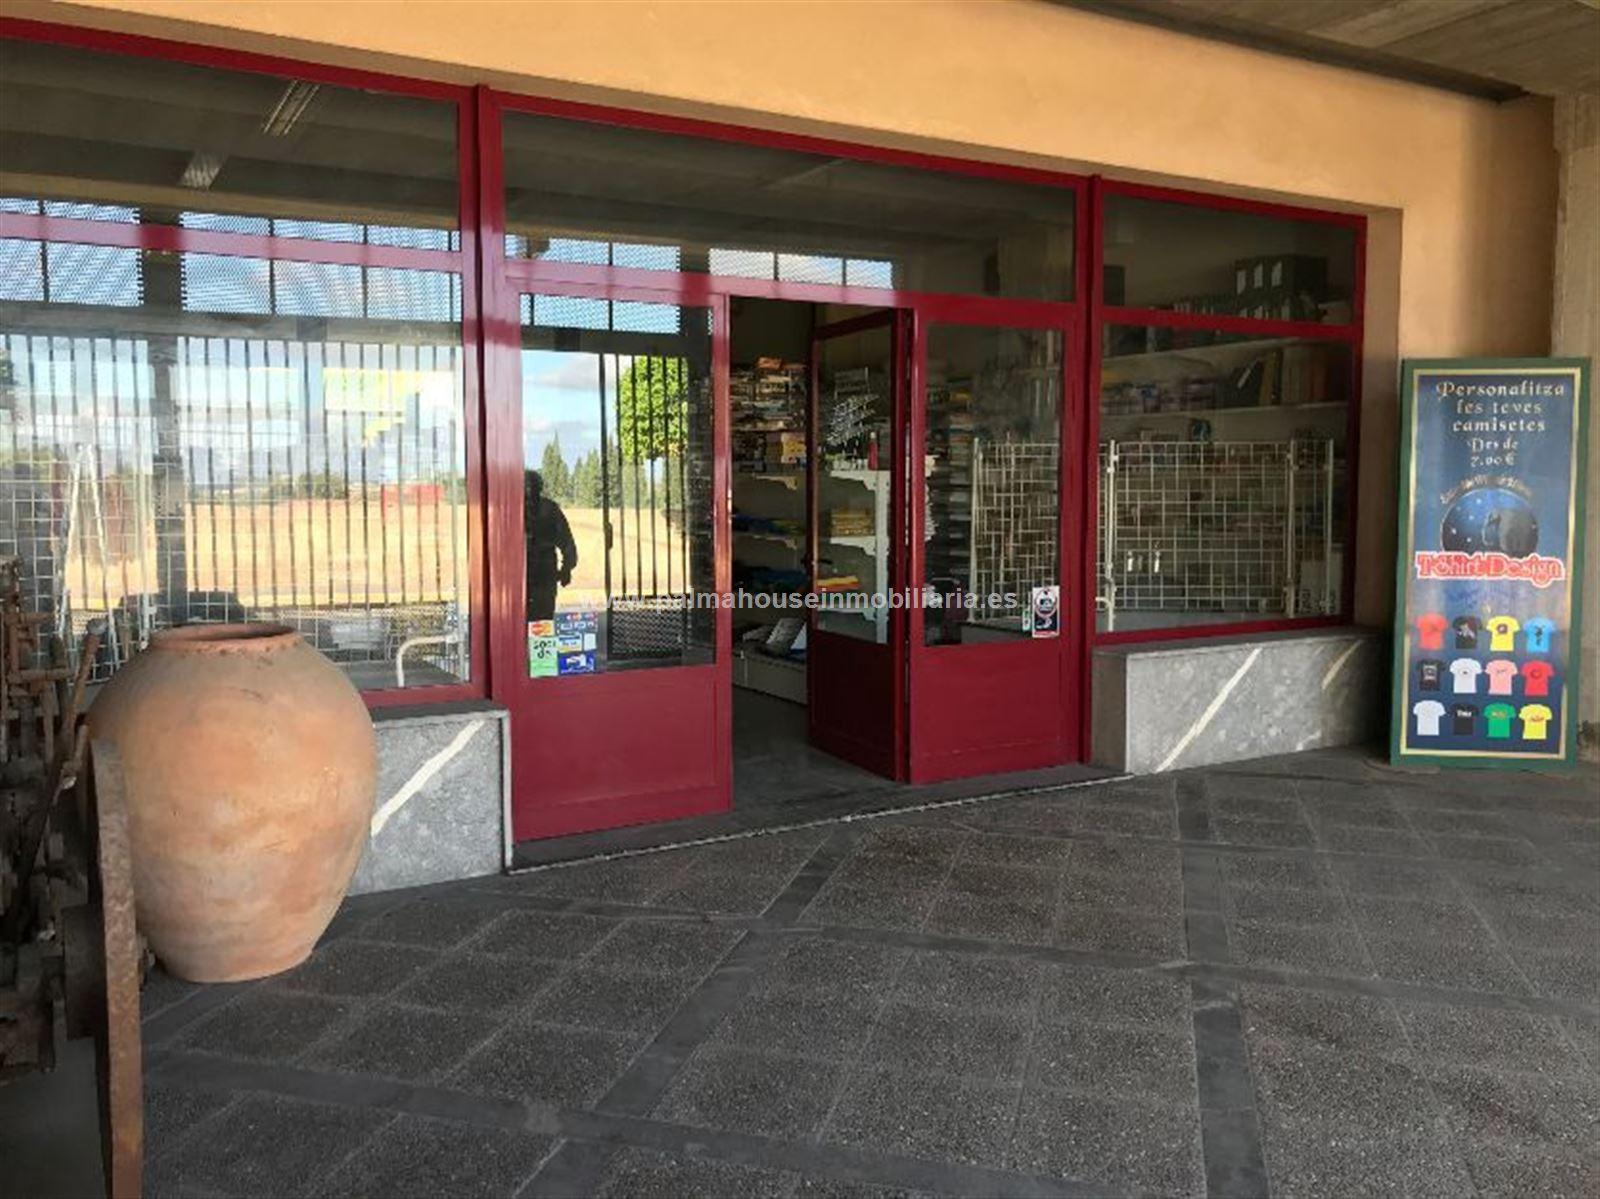 Local Comercial  Santa margalida - santa margarita. Espectacular local tipo loft con patio y gran terraza